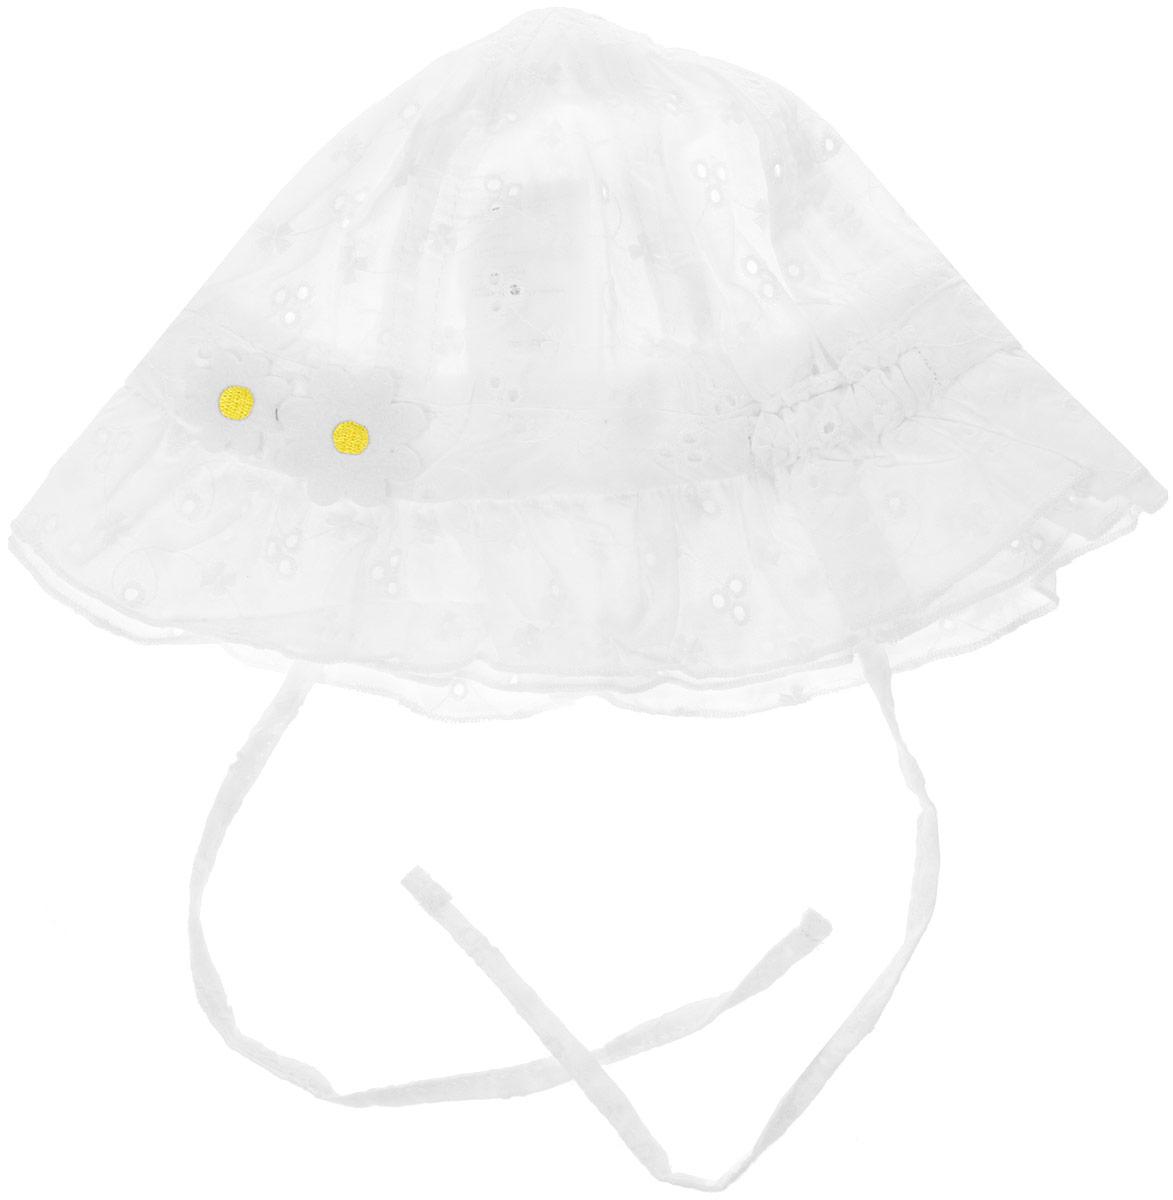 Панама178089Панама из натурального хлопка является неотъемлемой частью летнего детского гардероба. Очень мягкая и легкая, не раздражает нежную кожу ребенка. Модель с широкими полями и на завязках.Преимущества:Натуральный материал не раздражает нежную кожу ребенкаКомфортна при носке